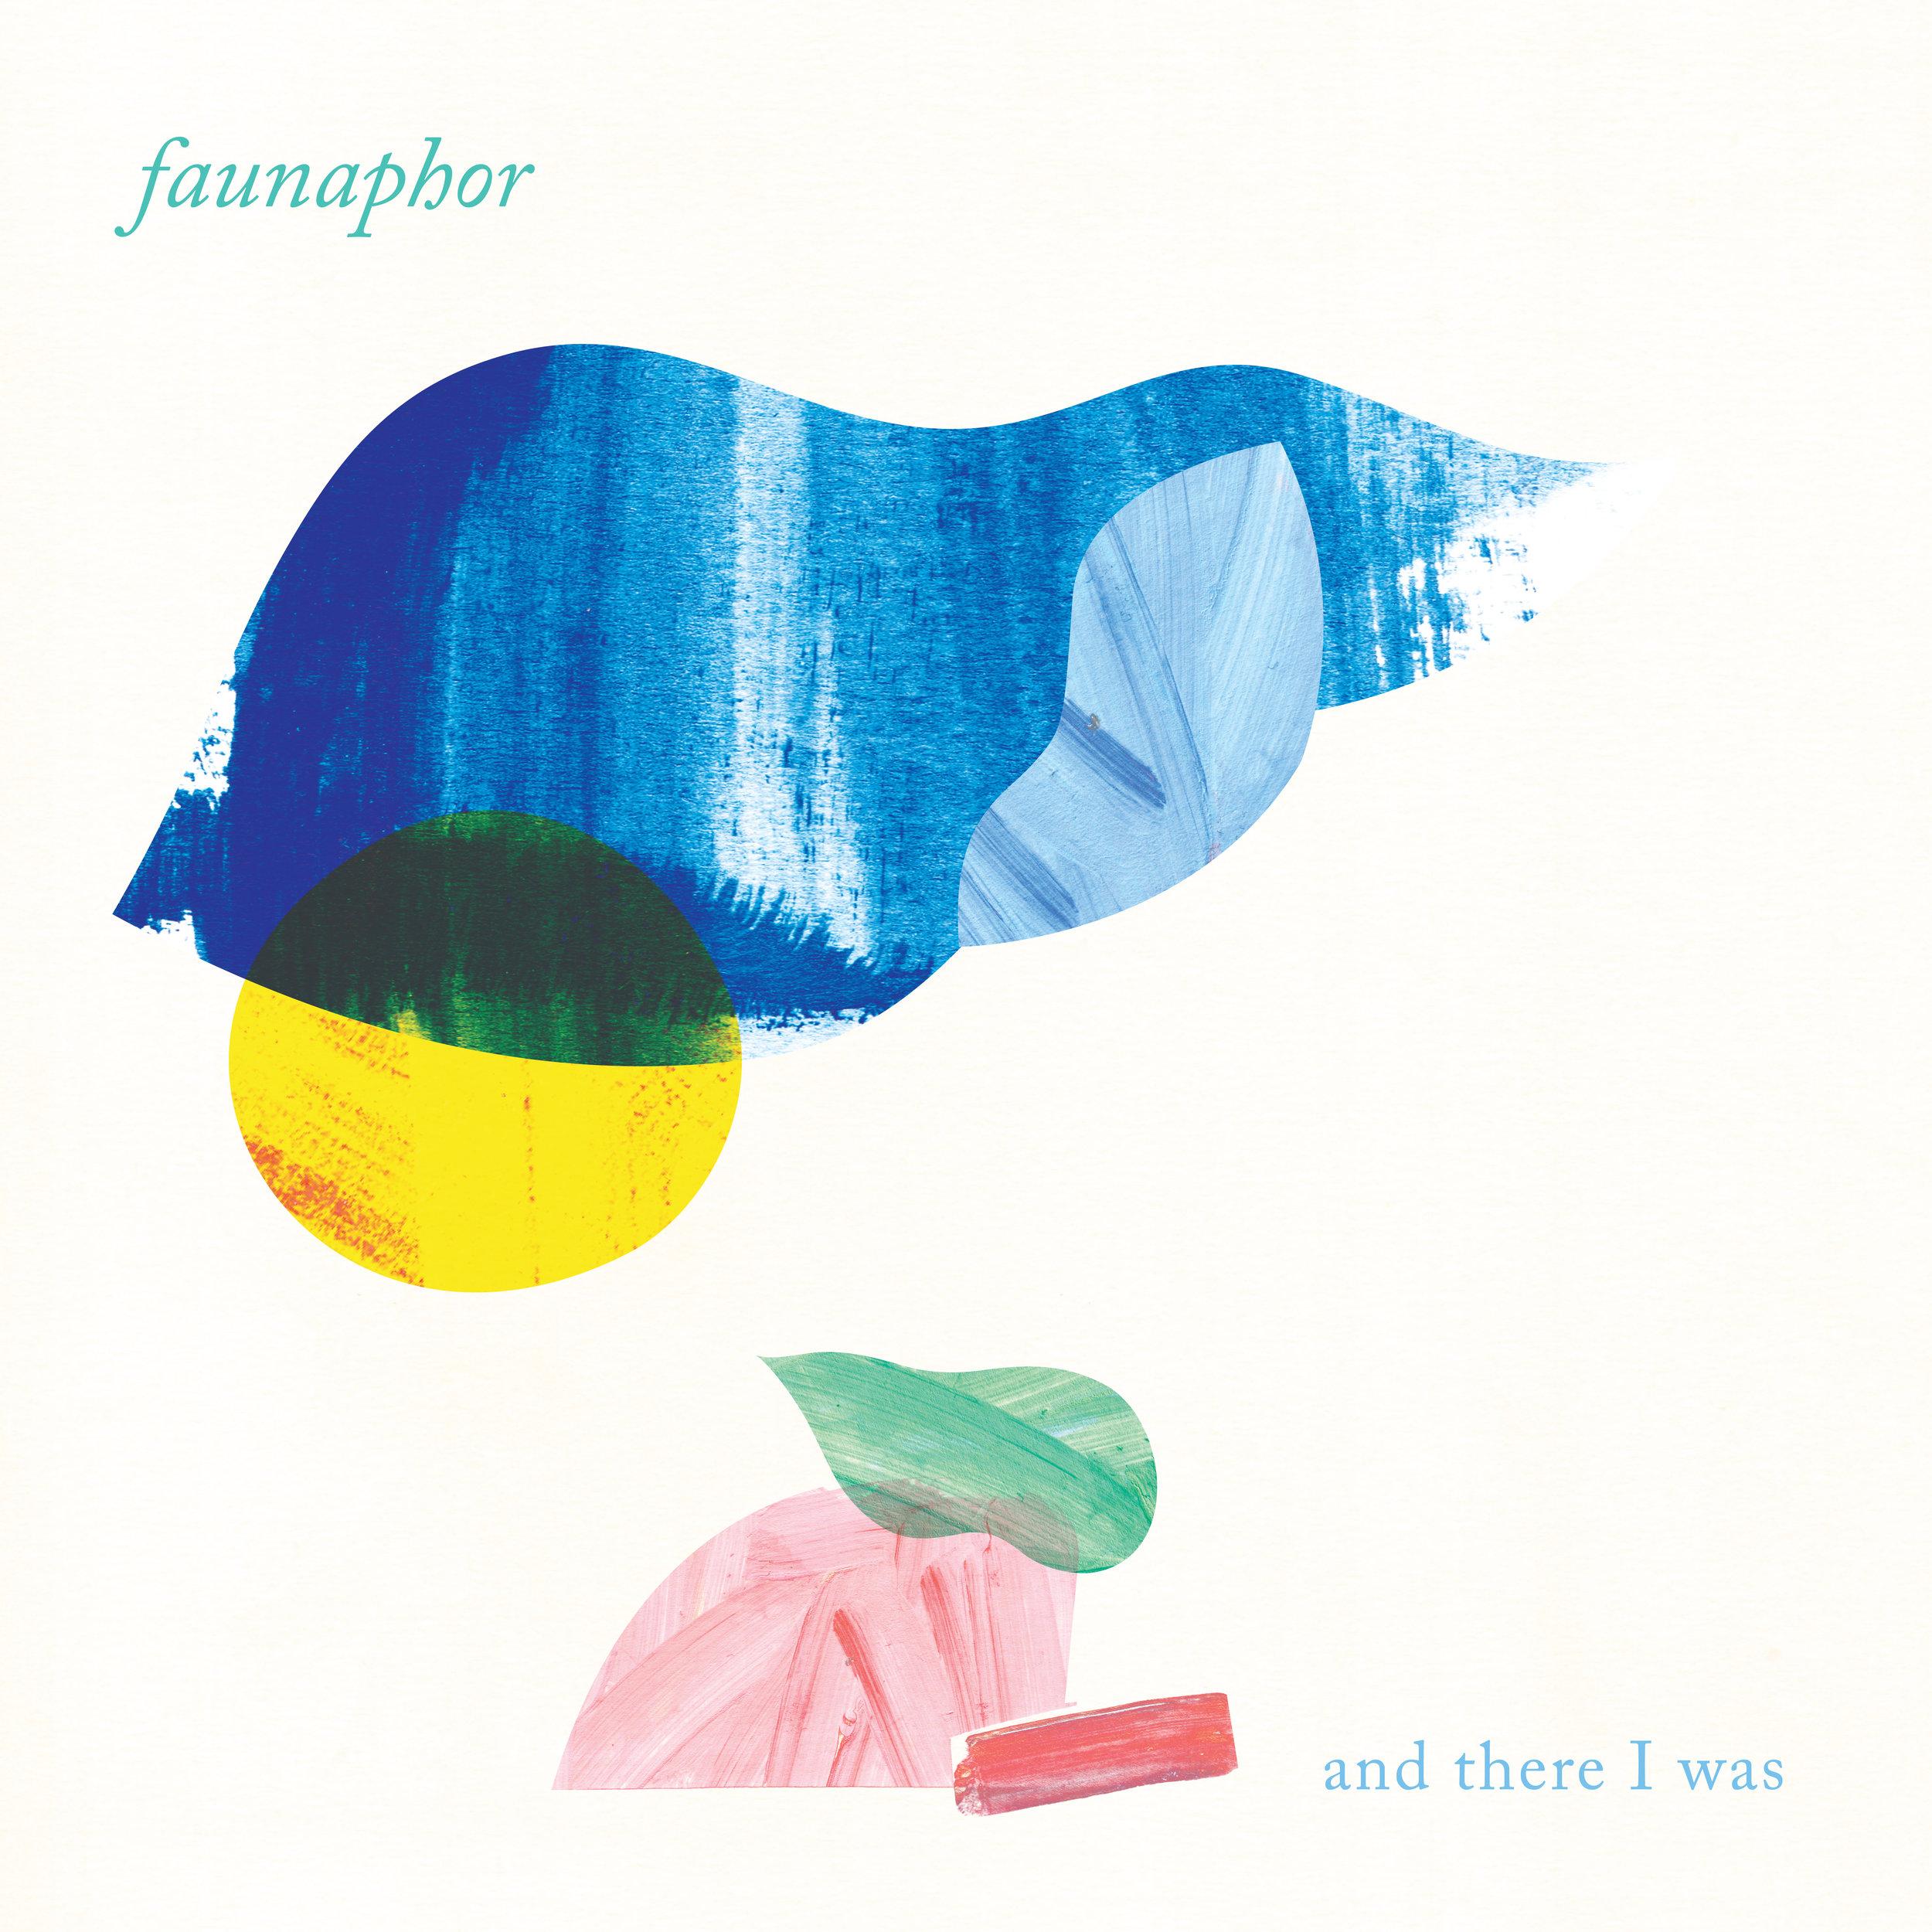 faunophor album cover 3c.jpg